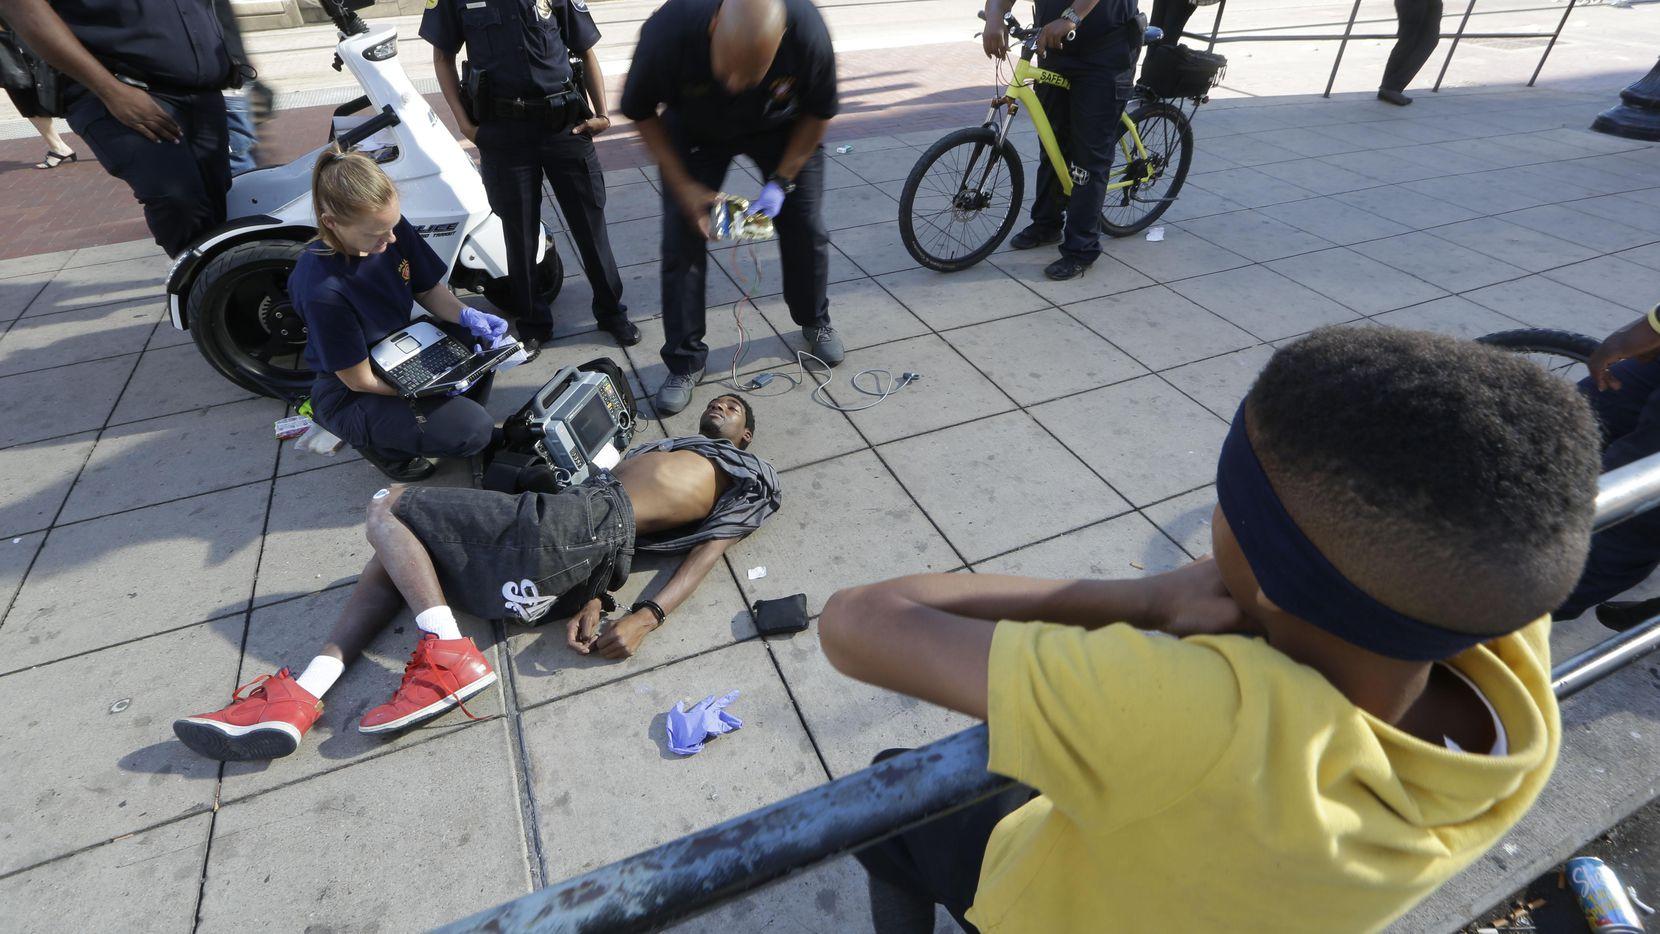 La policía del DART arresta a un hombre que se encuentra arrestado y semi-inconsciente. La policía afirma que en 2014 empezó la epidemia de K2. (AP/LM OTERO)